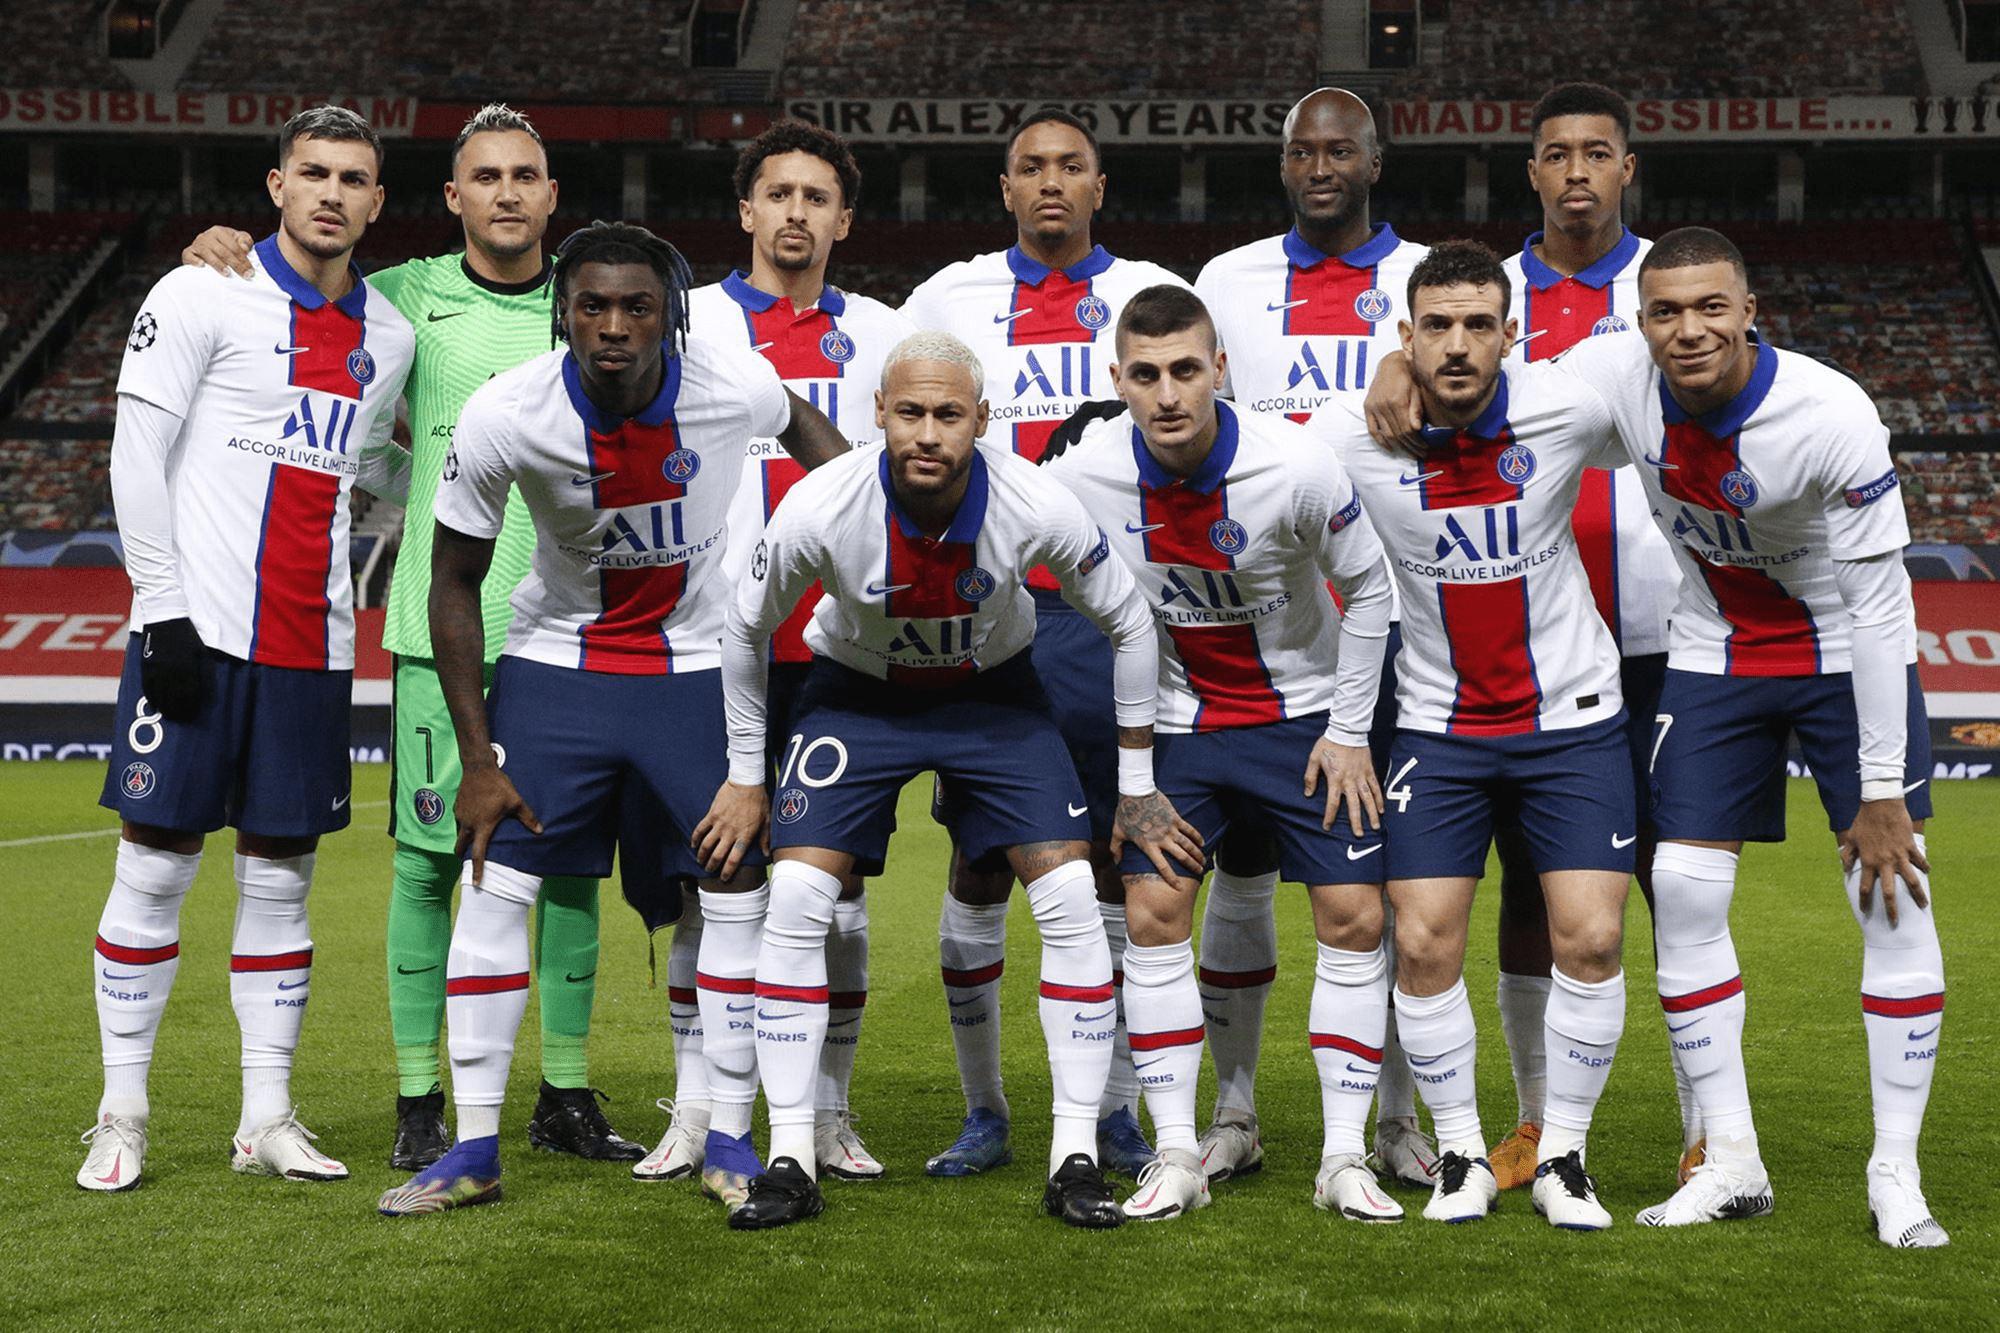 震动!巴黎3-1反超曼联,巨星2球,内马尔:想再次和梅西踢球